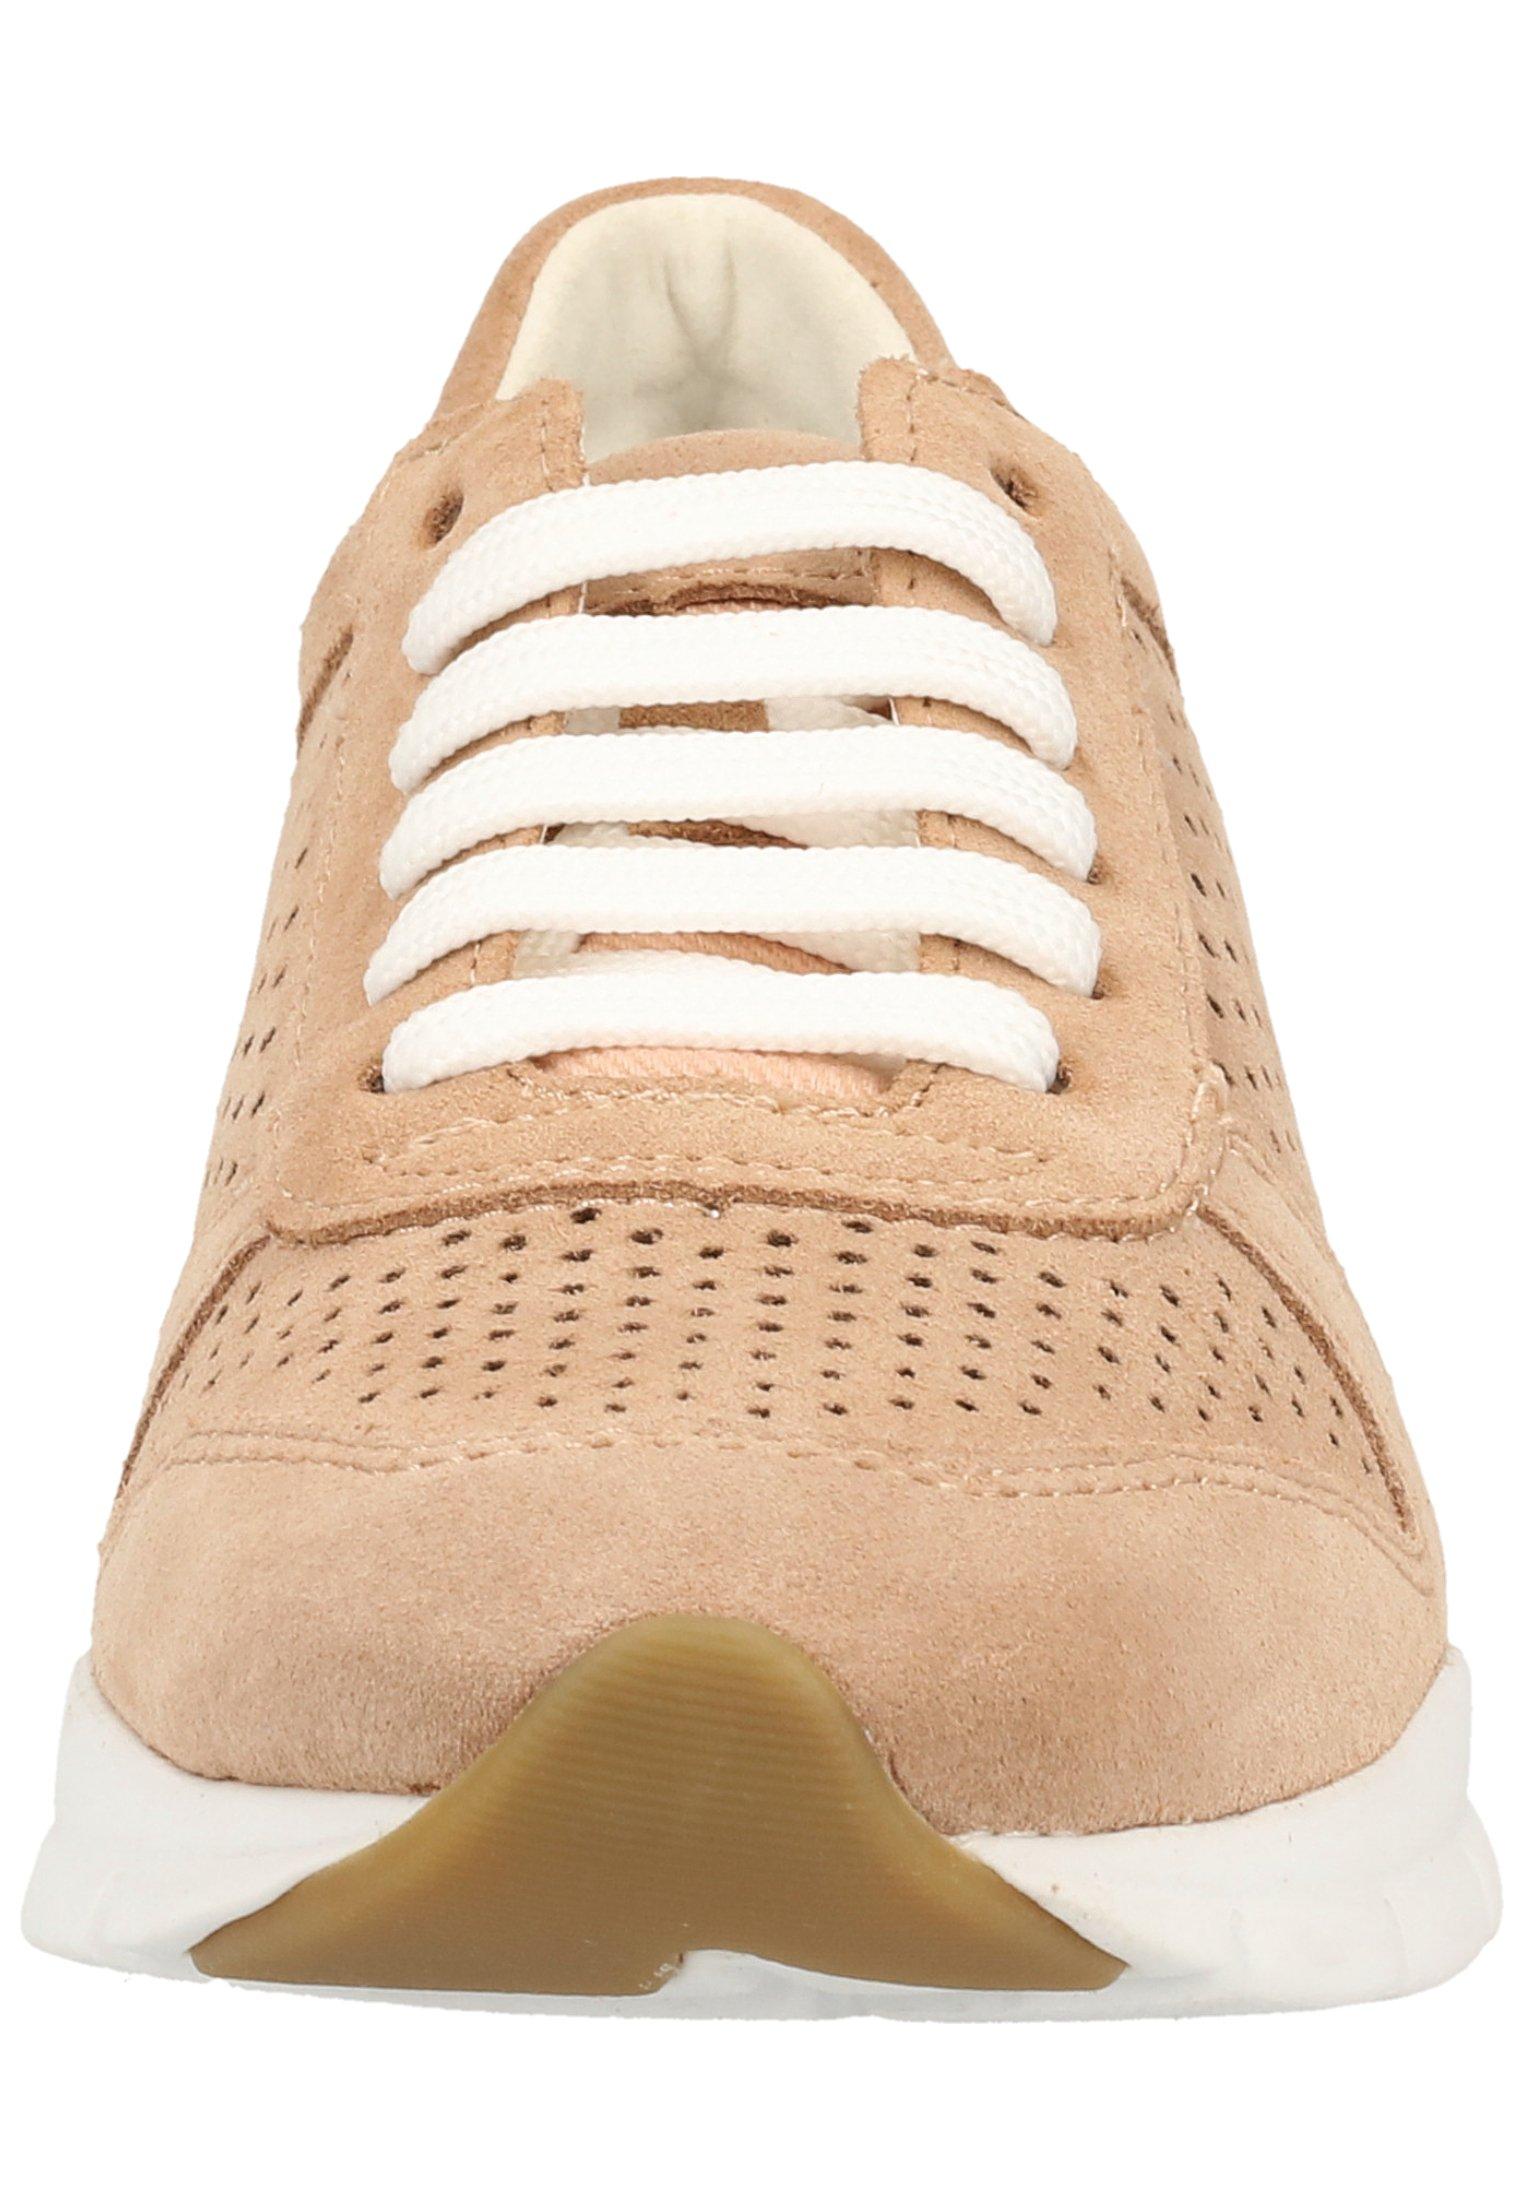 Geox Sneakers basse - beige 1SrE3lmh